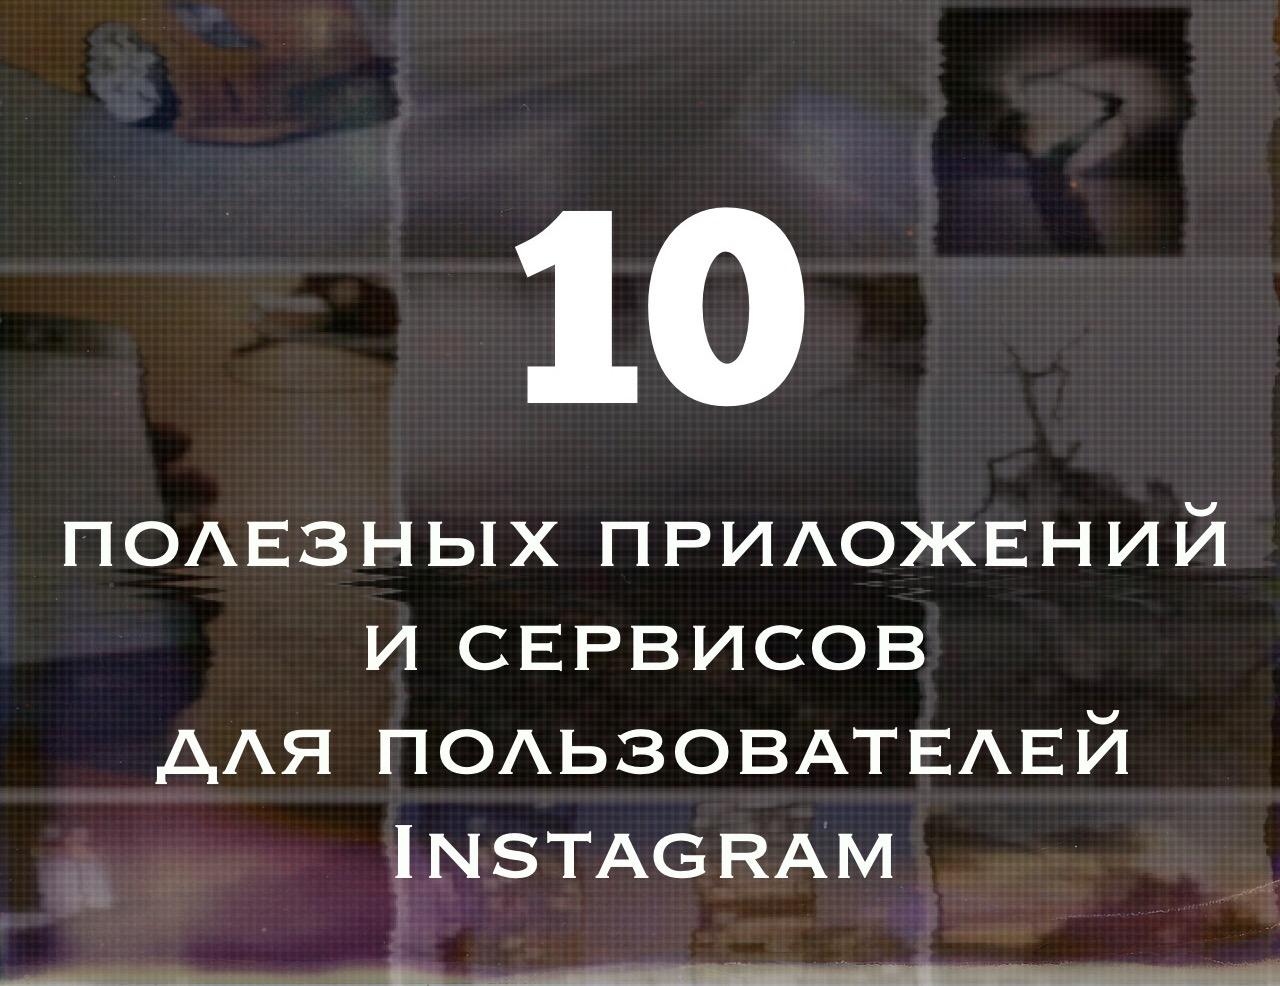 10+ полезных приложений и сервисов для пользователей Instagram